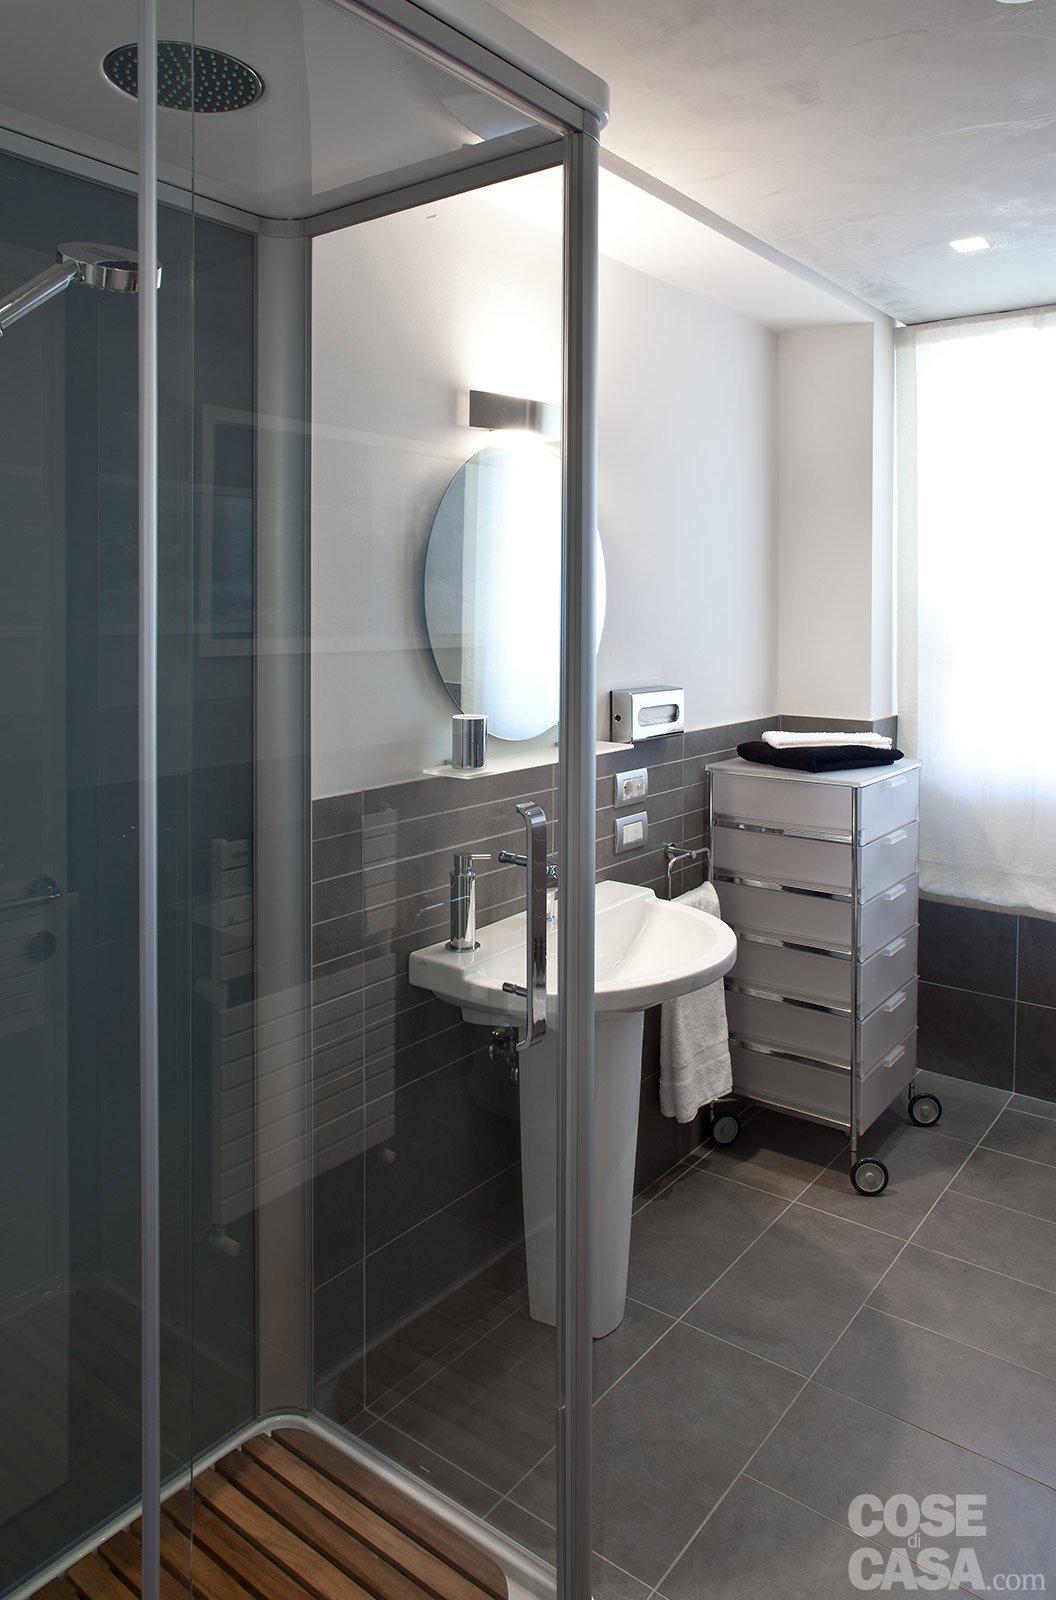 85 mq una casa per una famiglia giovane cose di casa - La casa del bagno ...